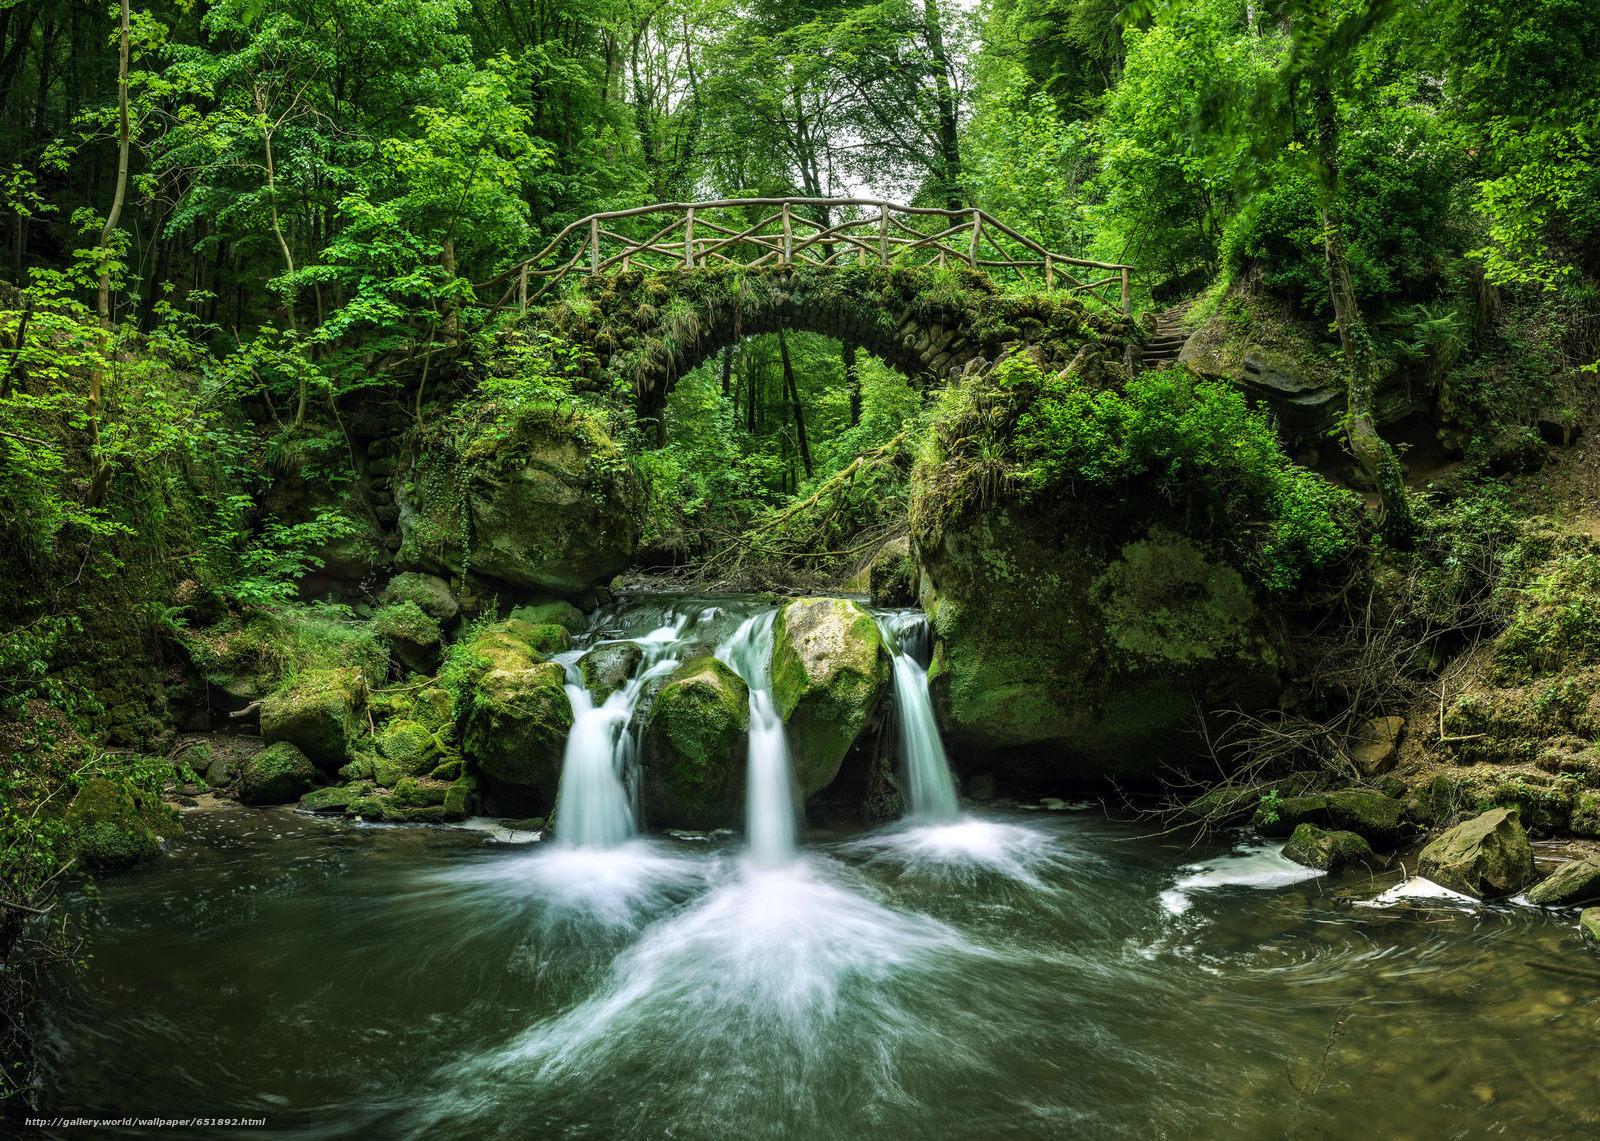 Download Hintergrund Fluss,  Wald,  Bäume,  Wasserfall Freie desktop Tapeten in der Auflosung 2048x1460 — bild №651892